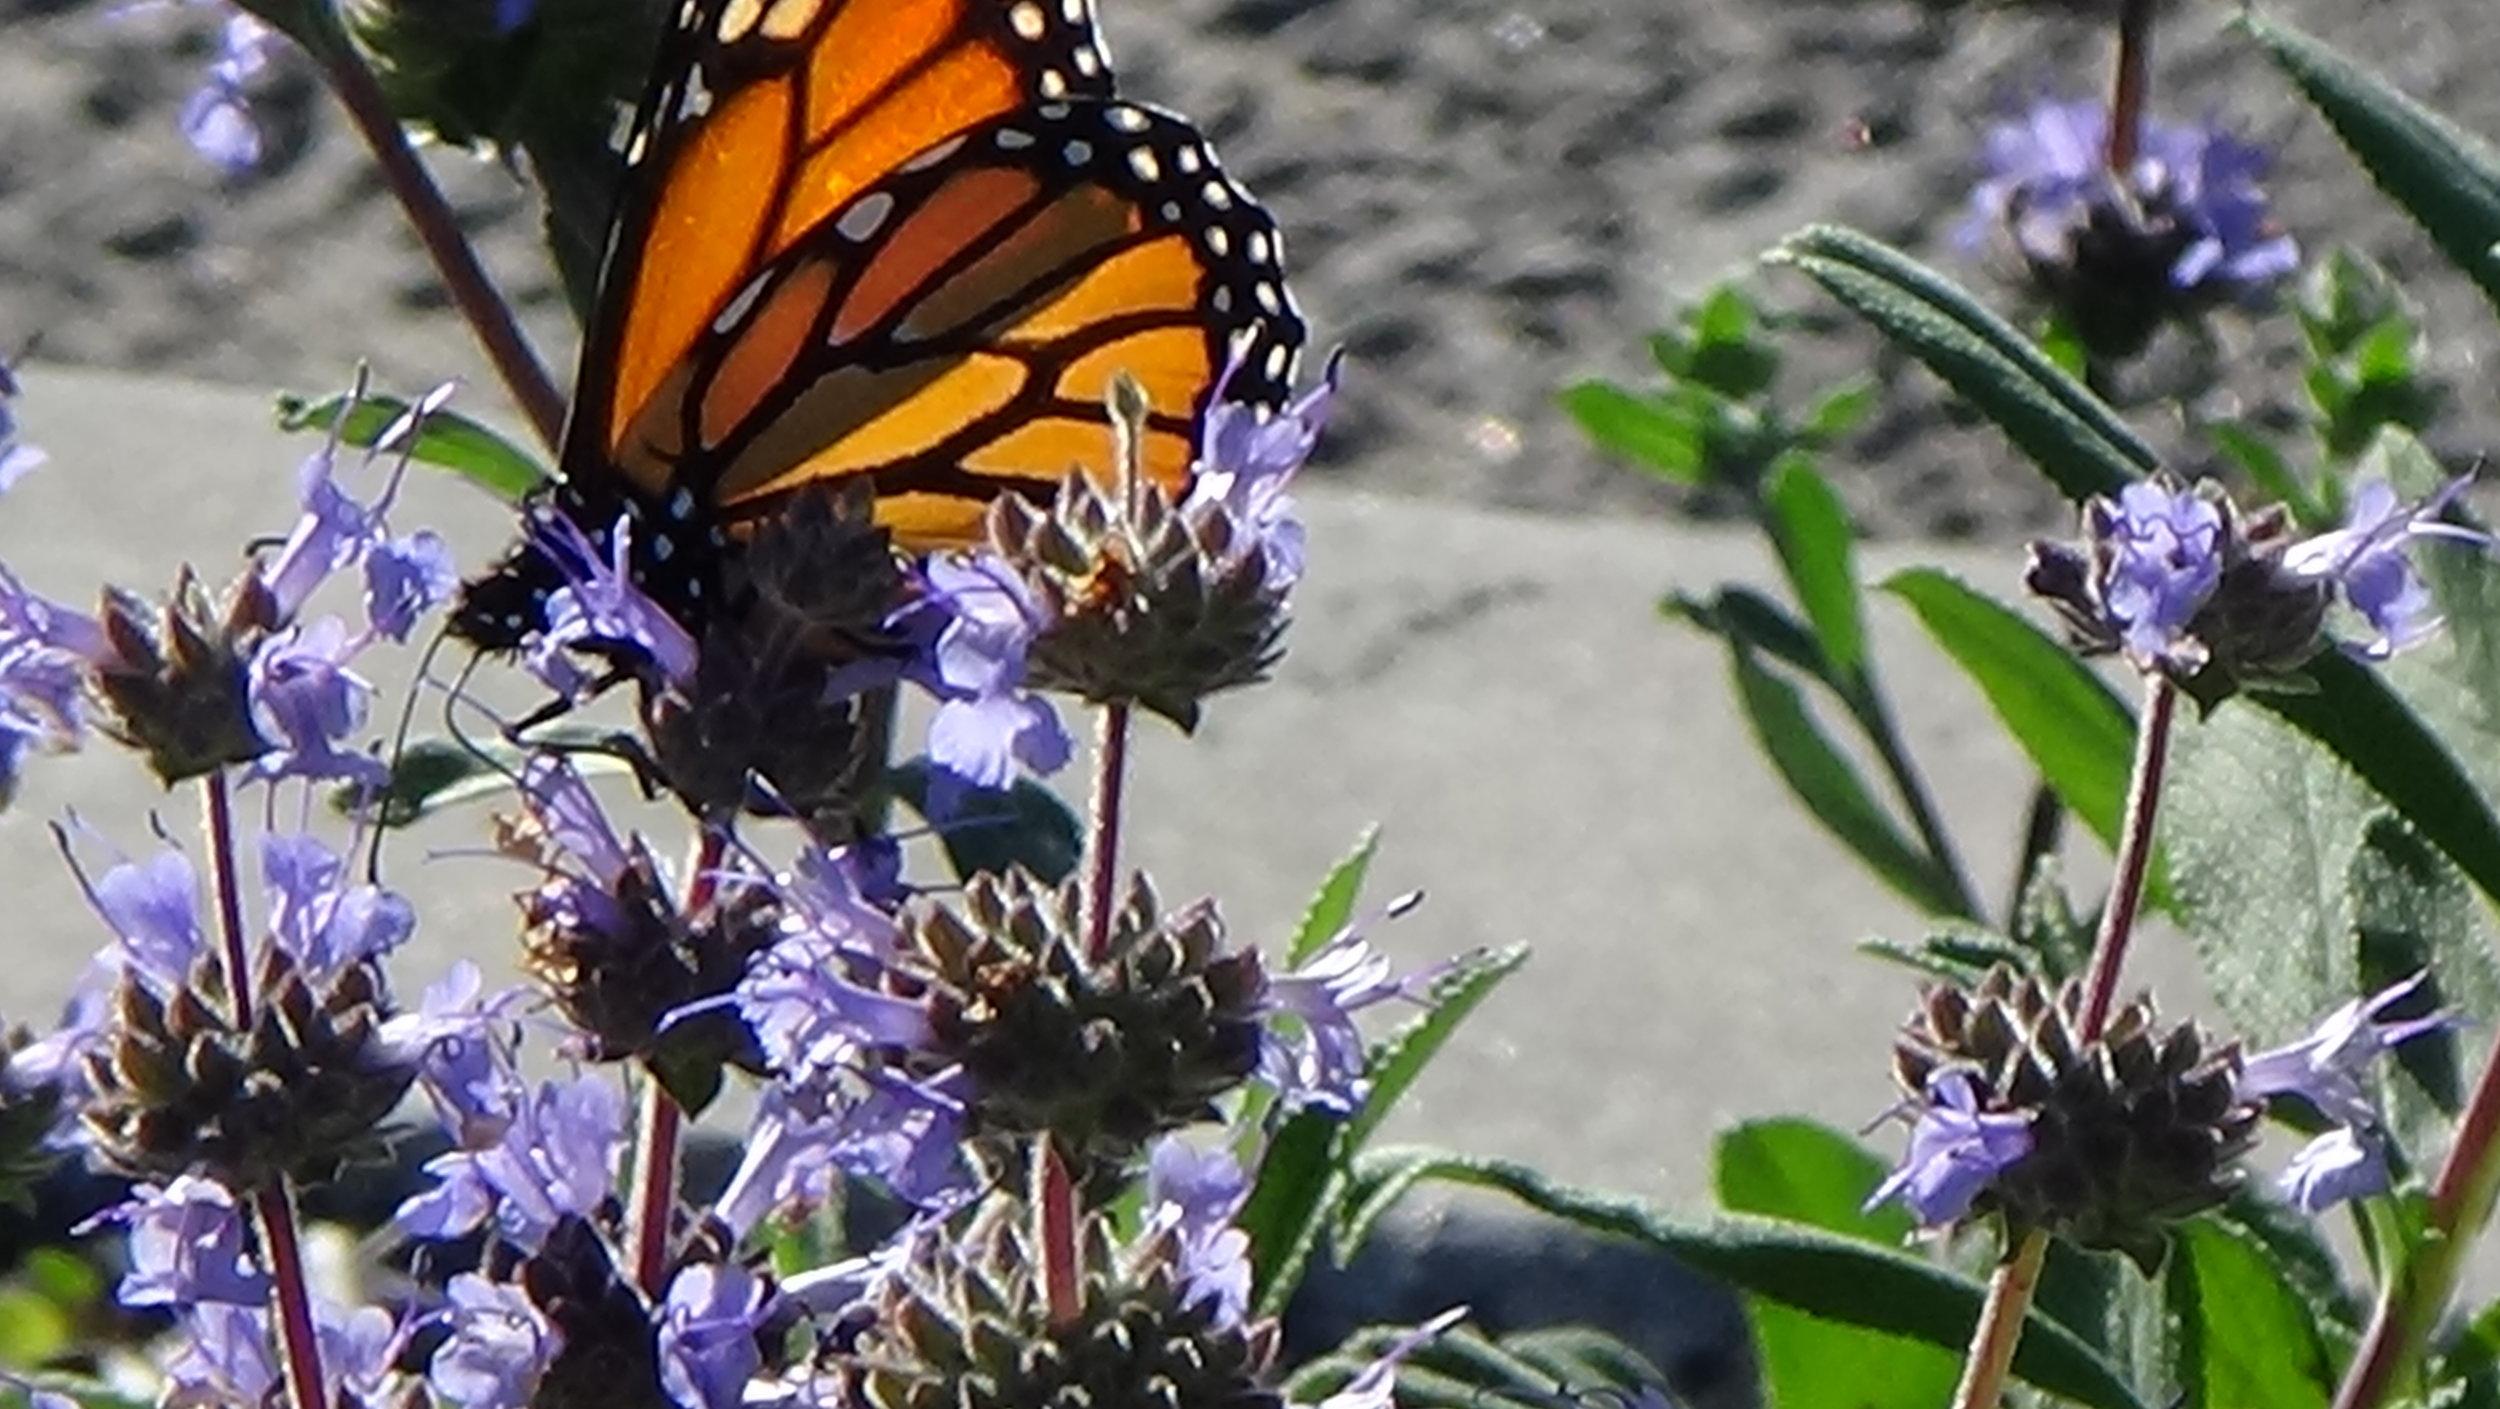 Woodman median Butterfly copy.jpg